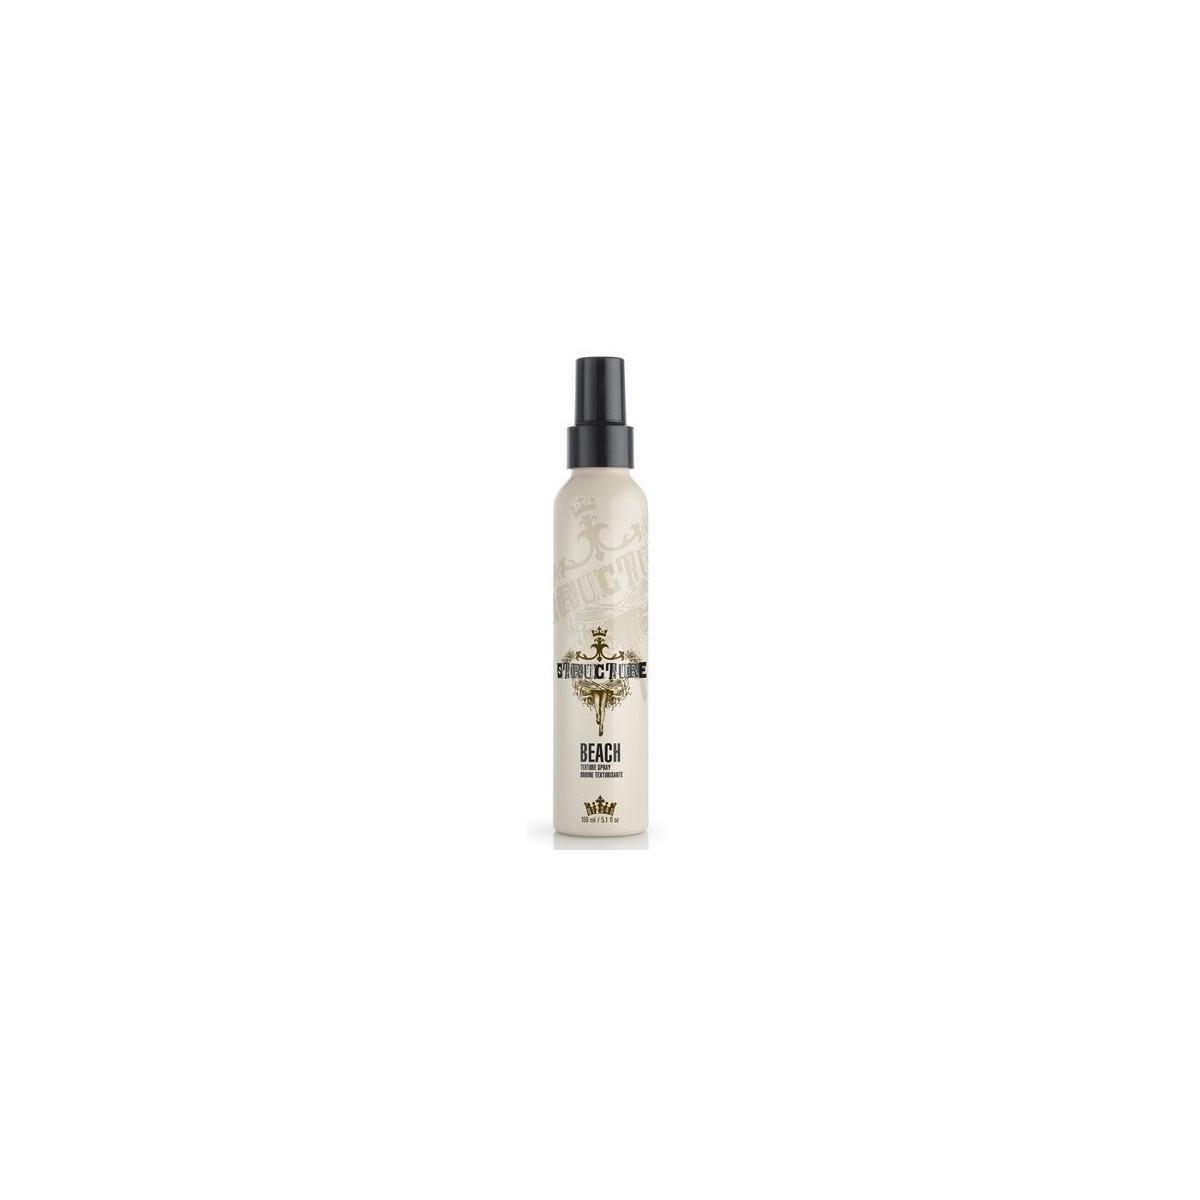 Joico Structure Beach - Spray Texturizador 150ml - RF